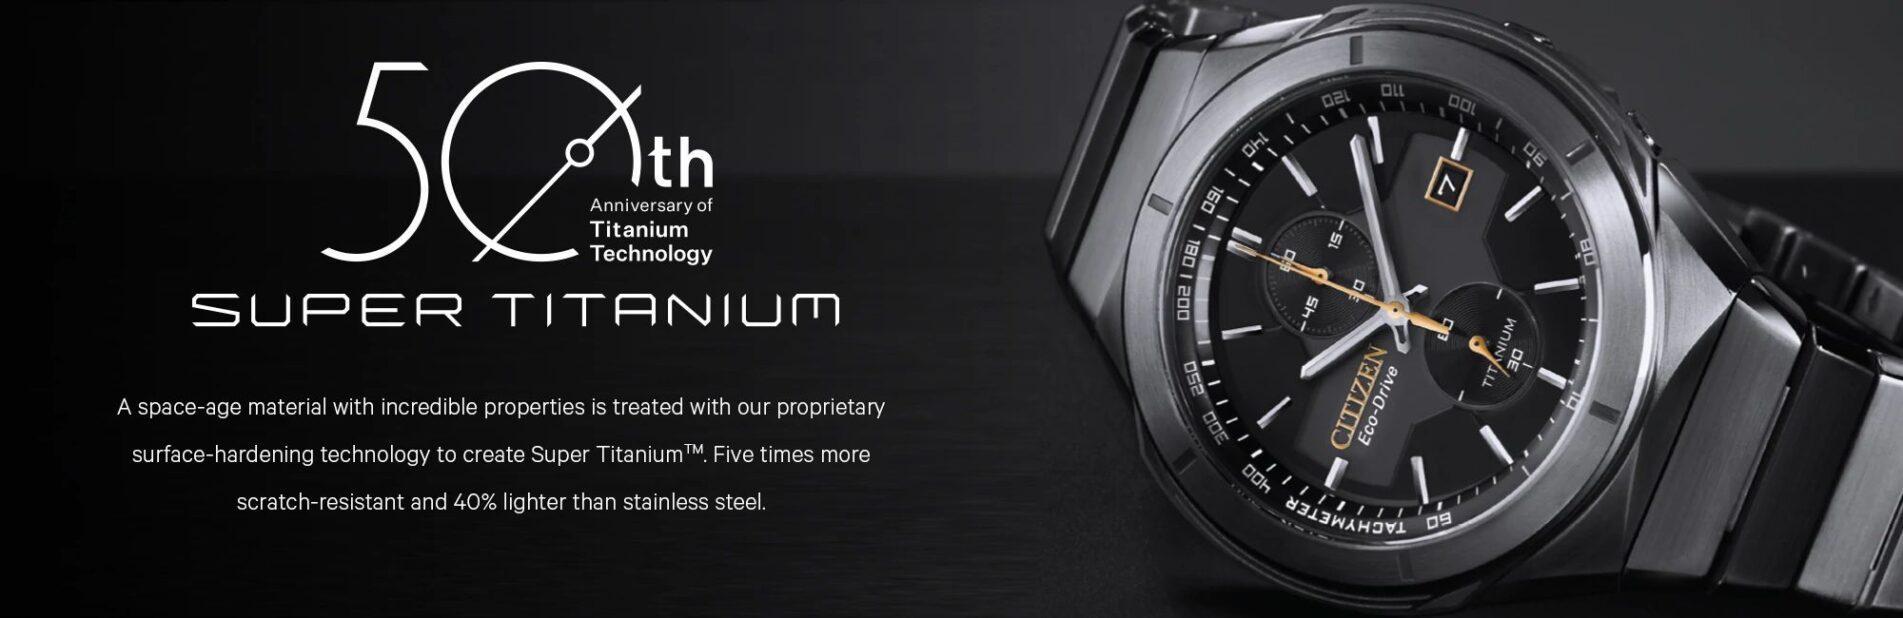 bộ sưu tập đồng hồ citizen titanium siêu bền chính hãng đa dạng duy nhất tại VN